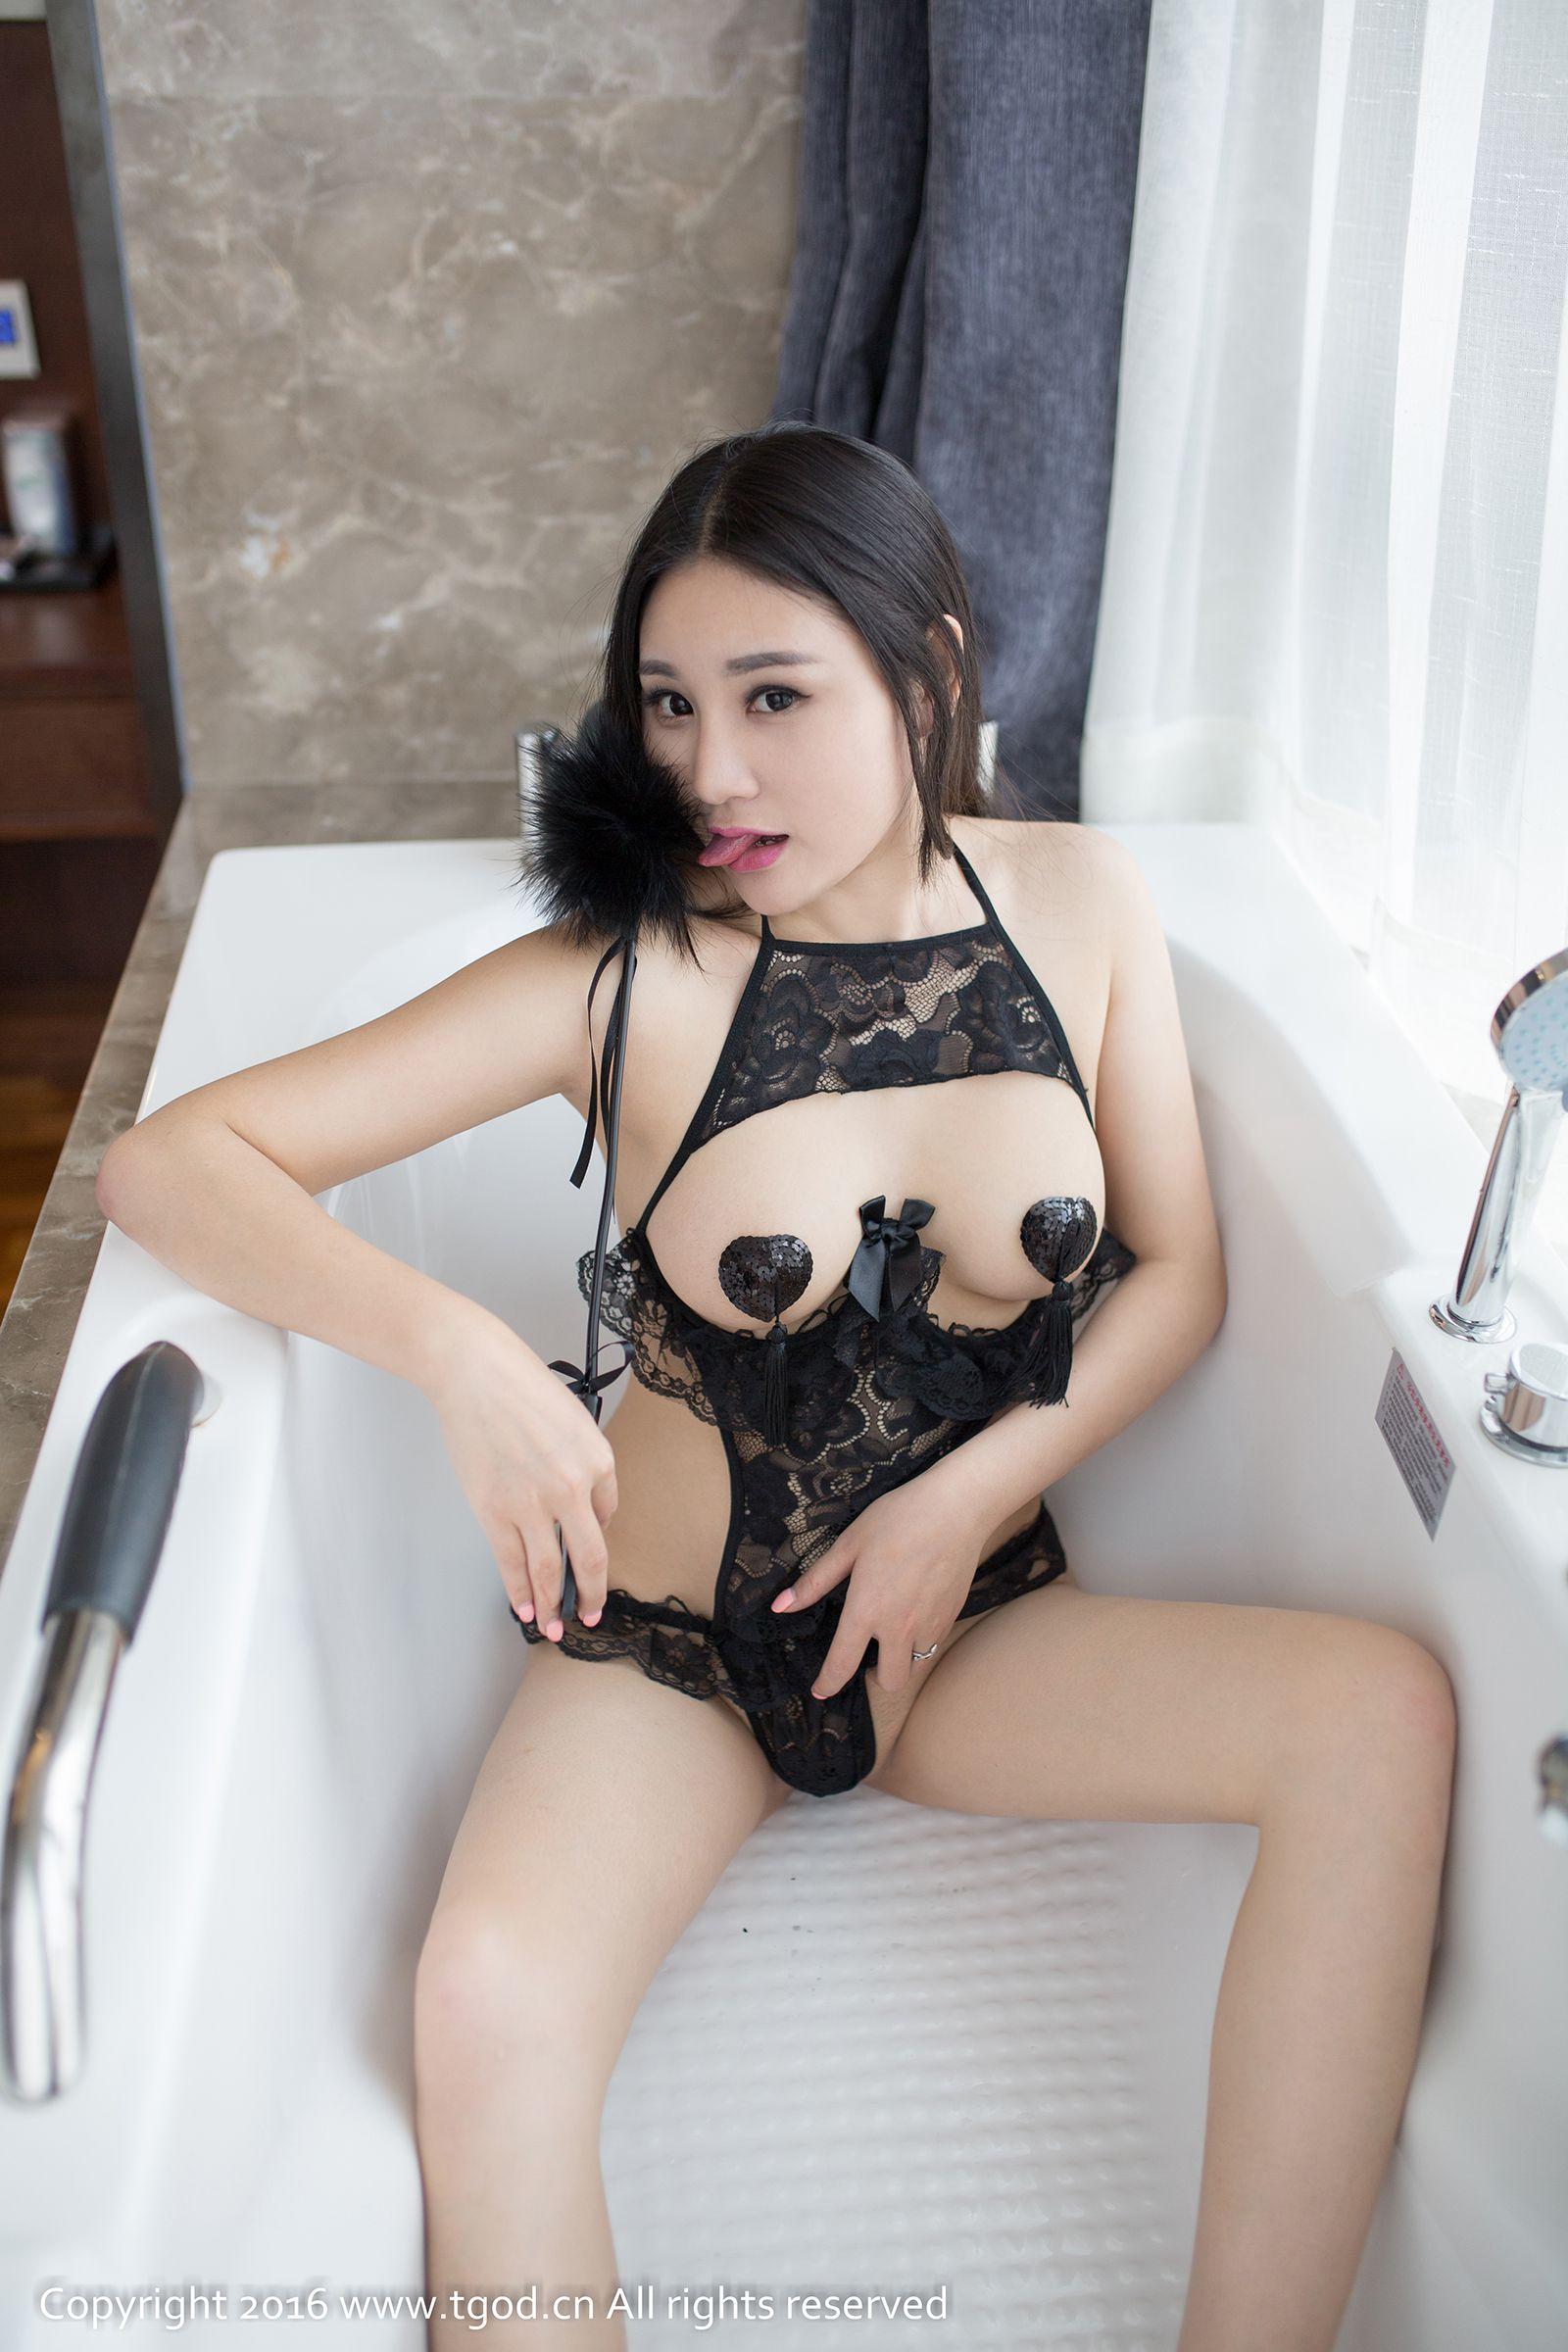 [尤蜜荟] 程程(Kiren_程程程) ~性感丝袜美图[52P]